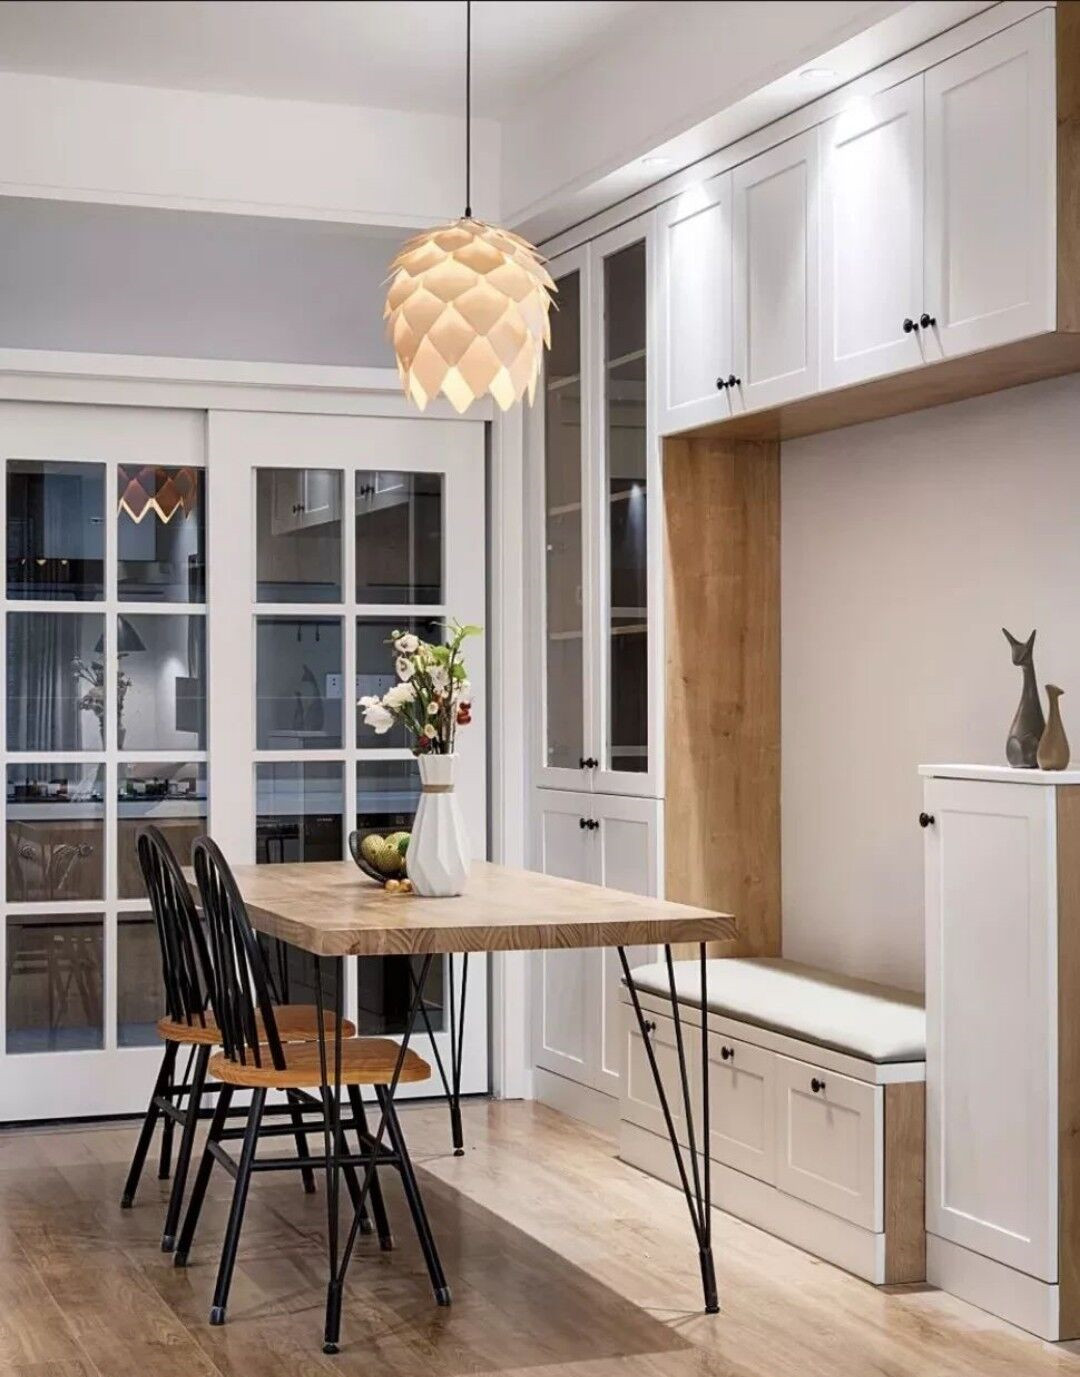 餐厅还是装个卡座好,一体式设计简洁又利落,小户型用它才省空间